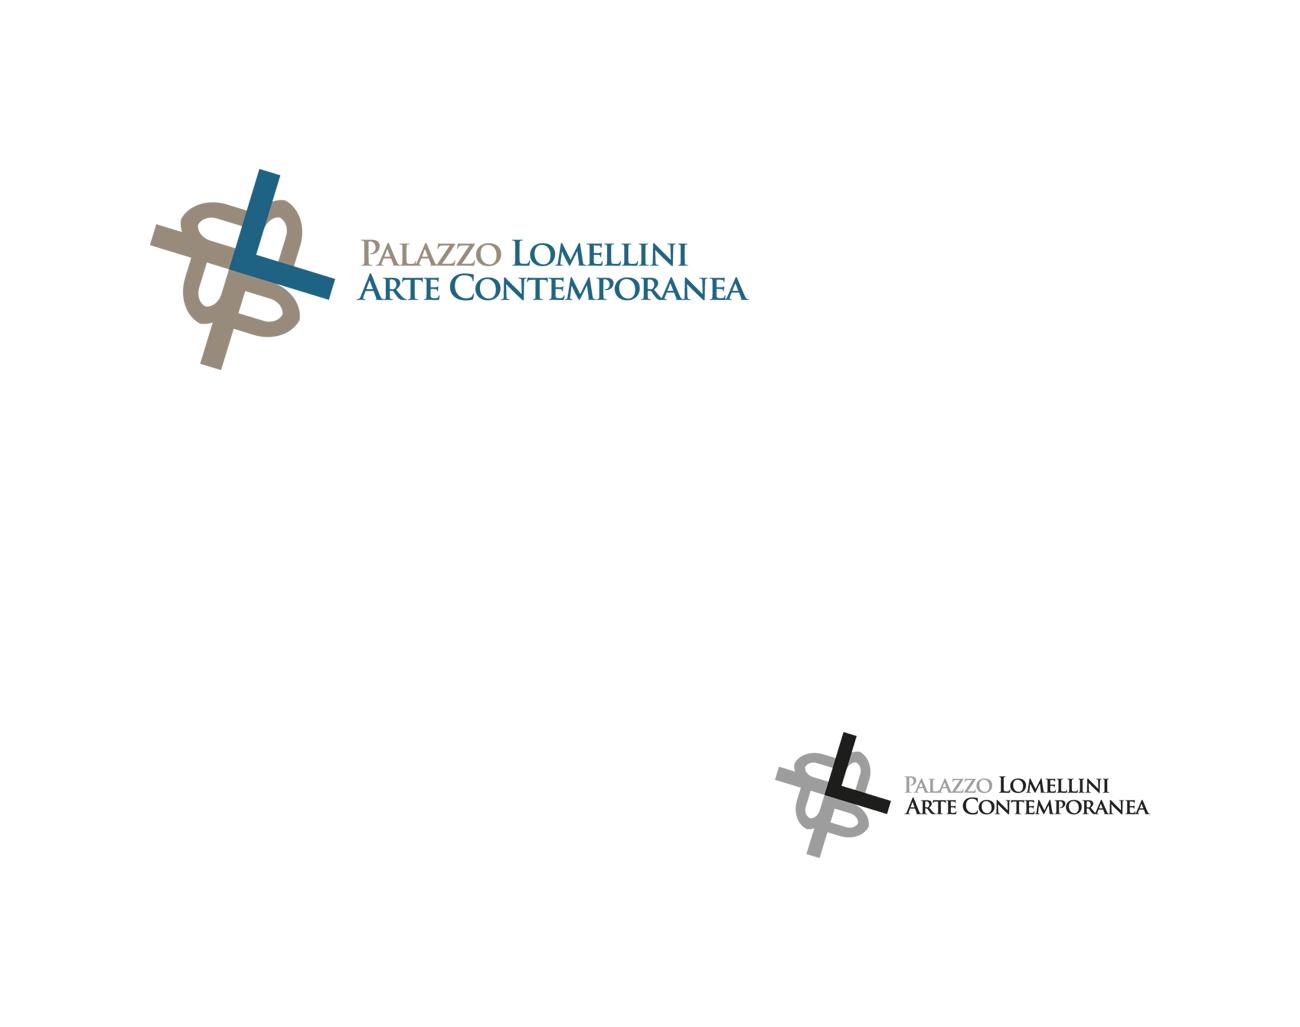 PalazzoLomellini_logo